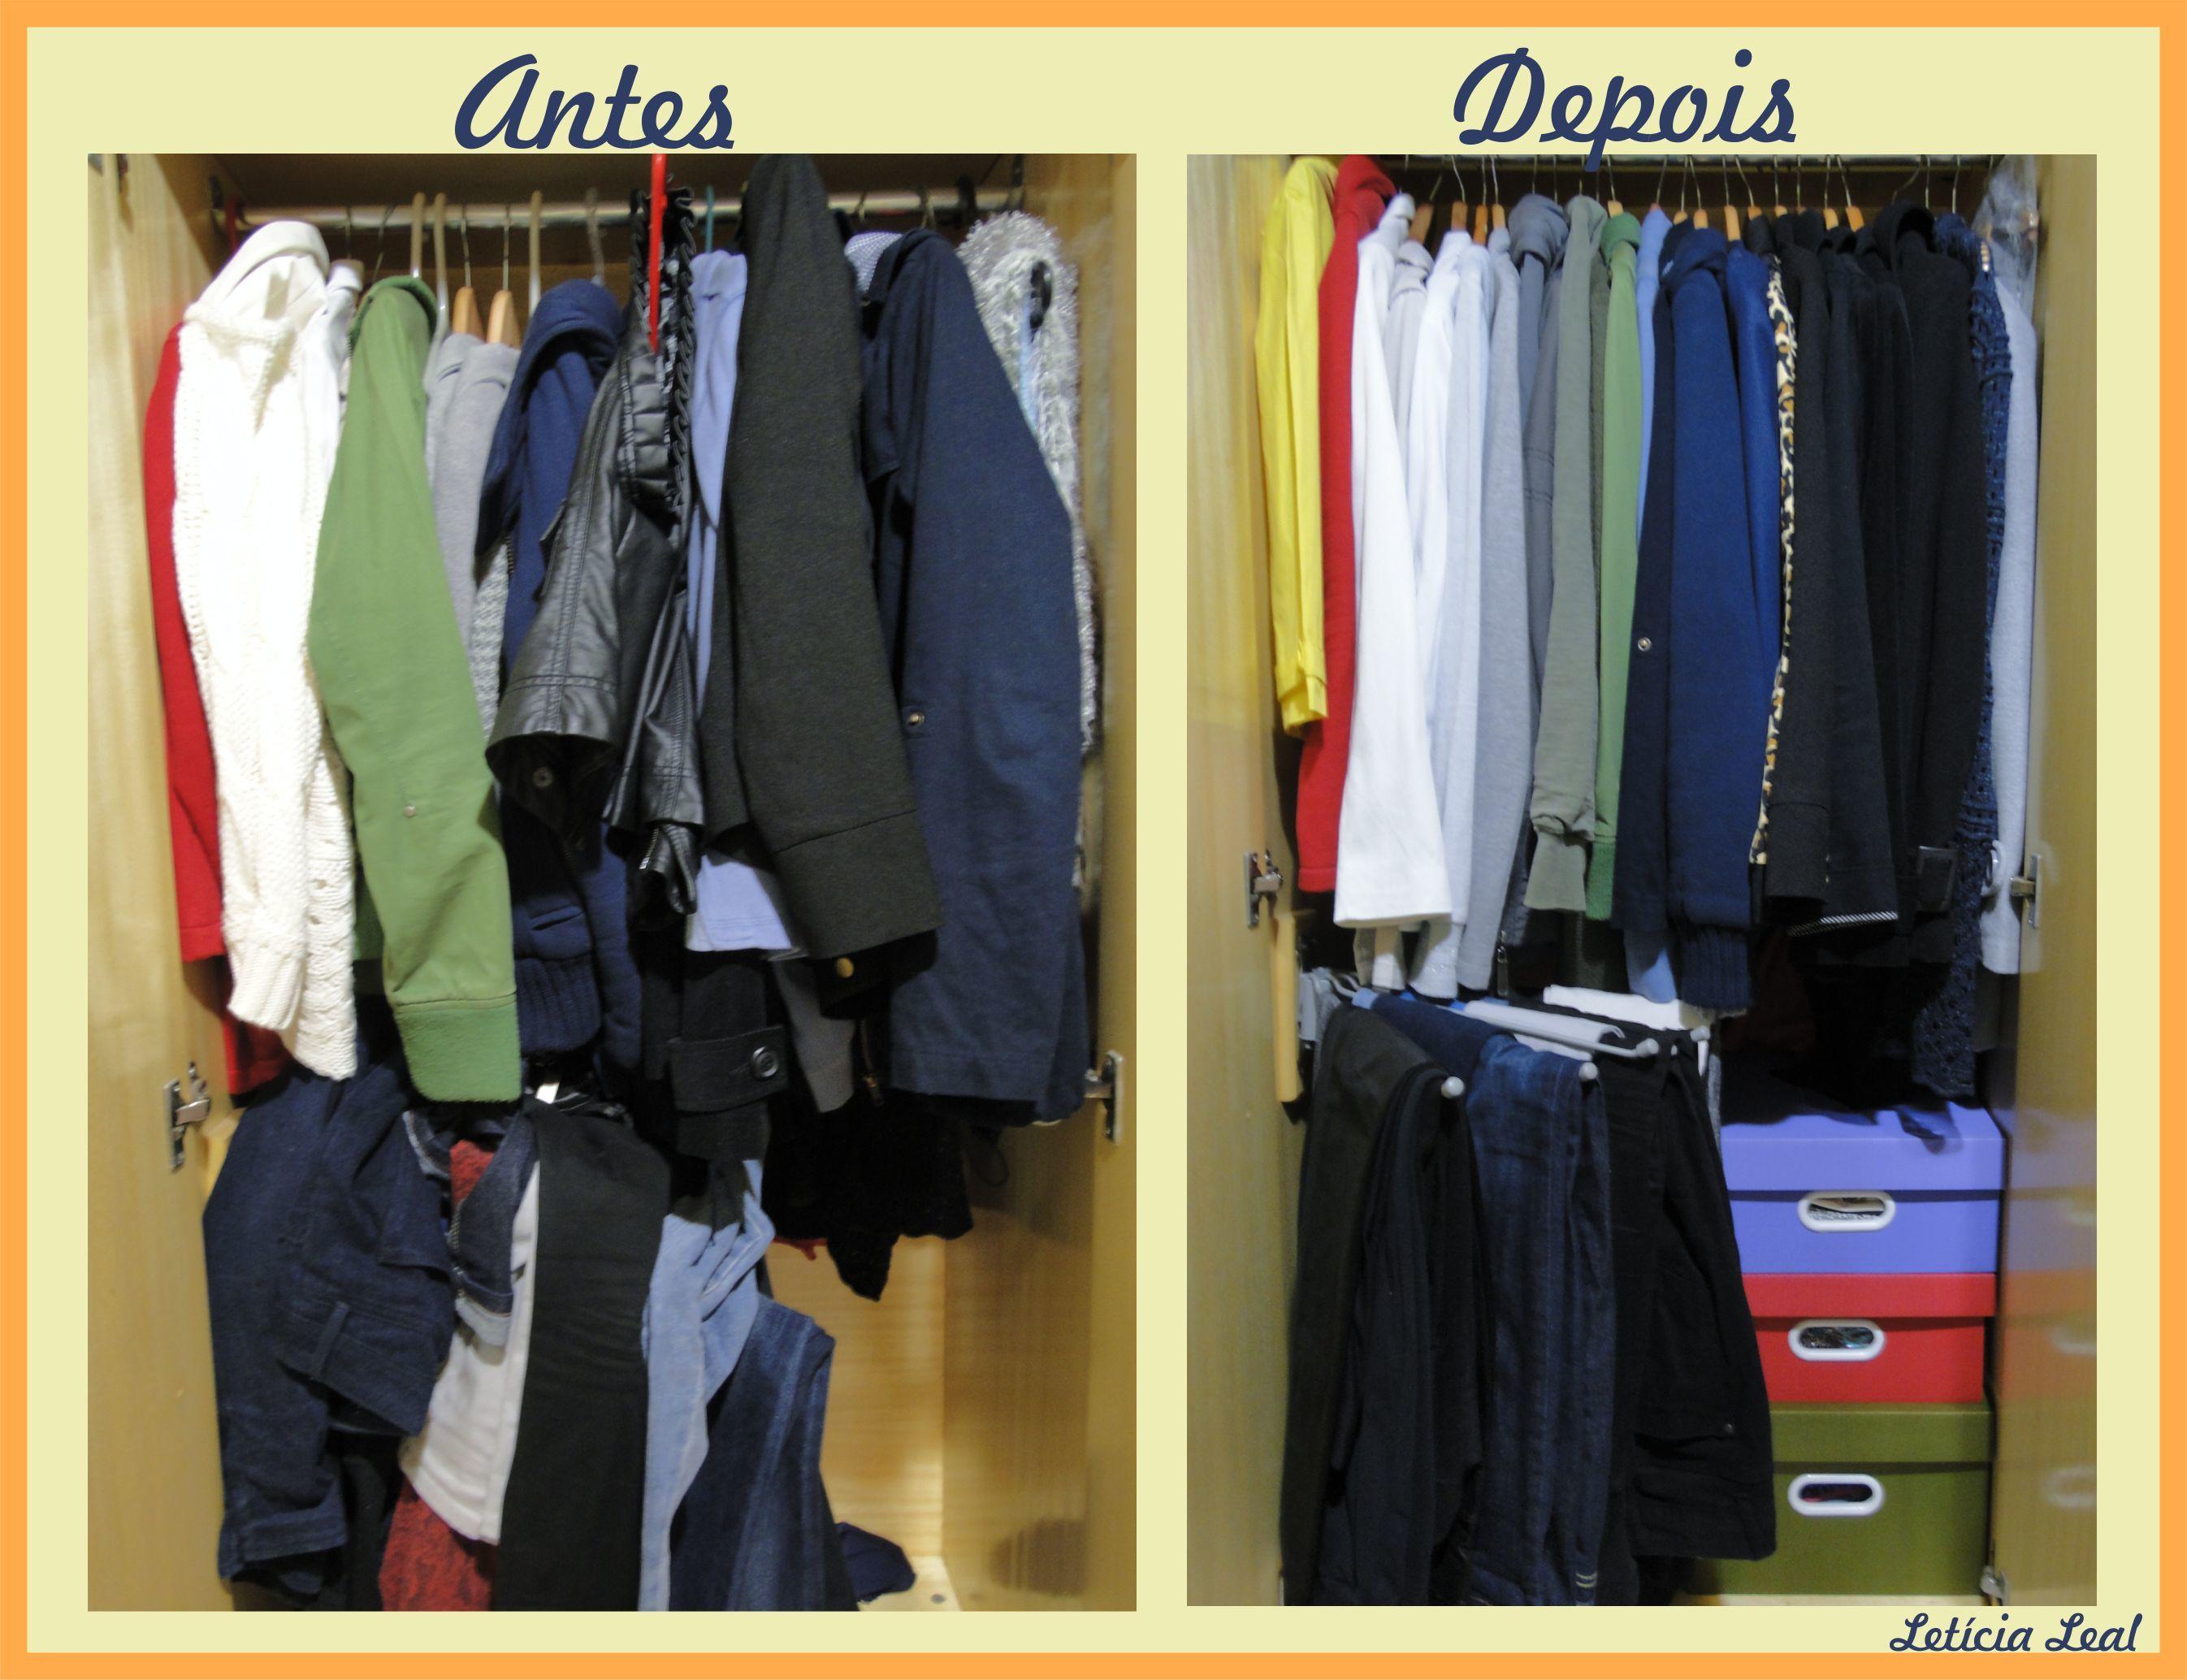 como_organizar_seus_casacos_1_sos_solteiro